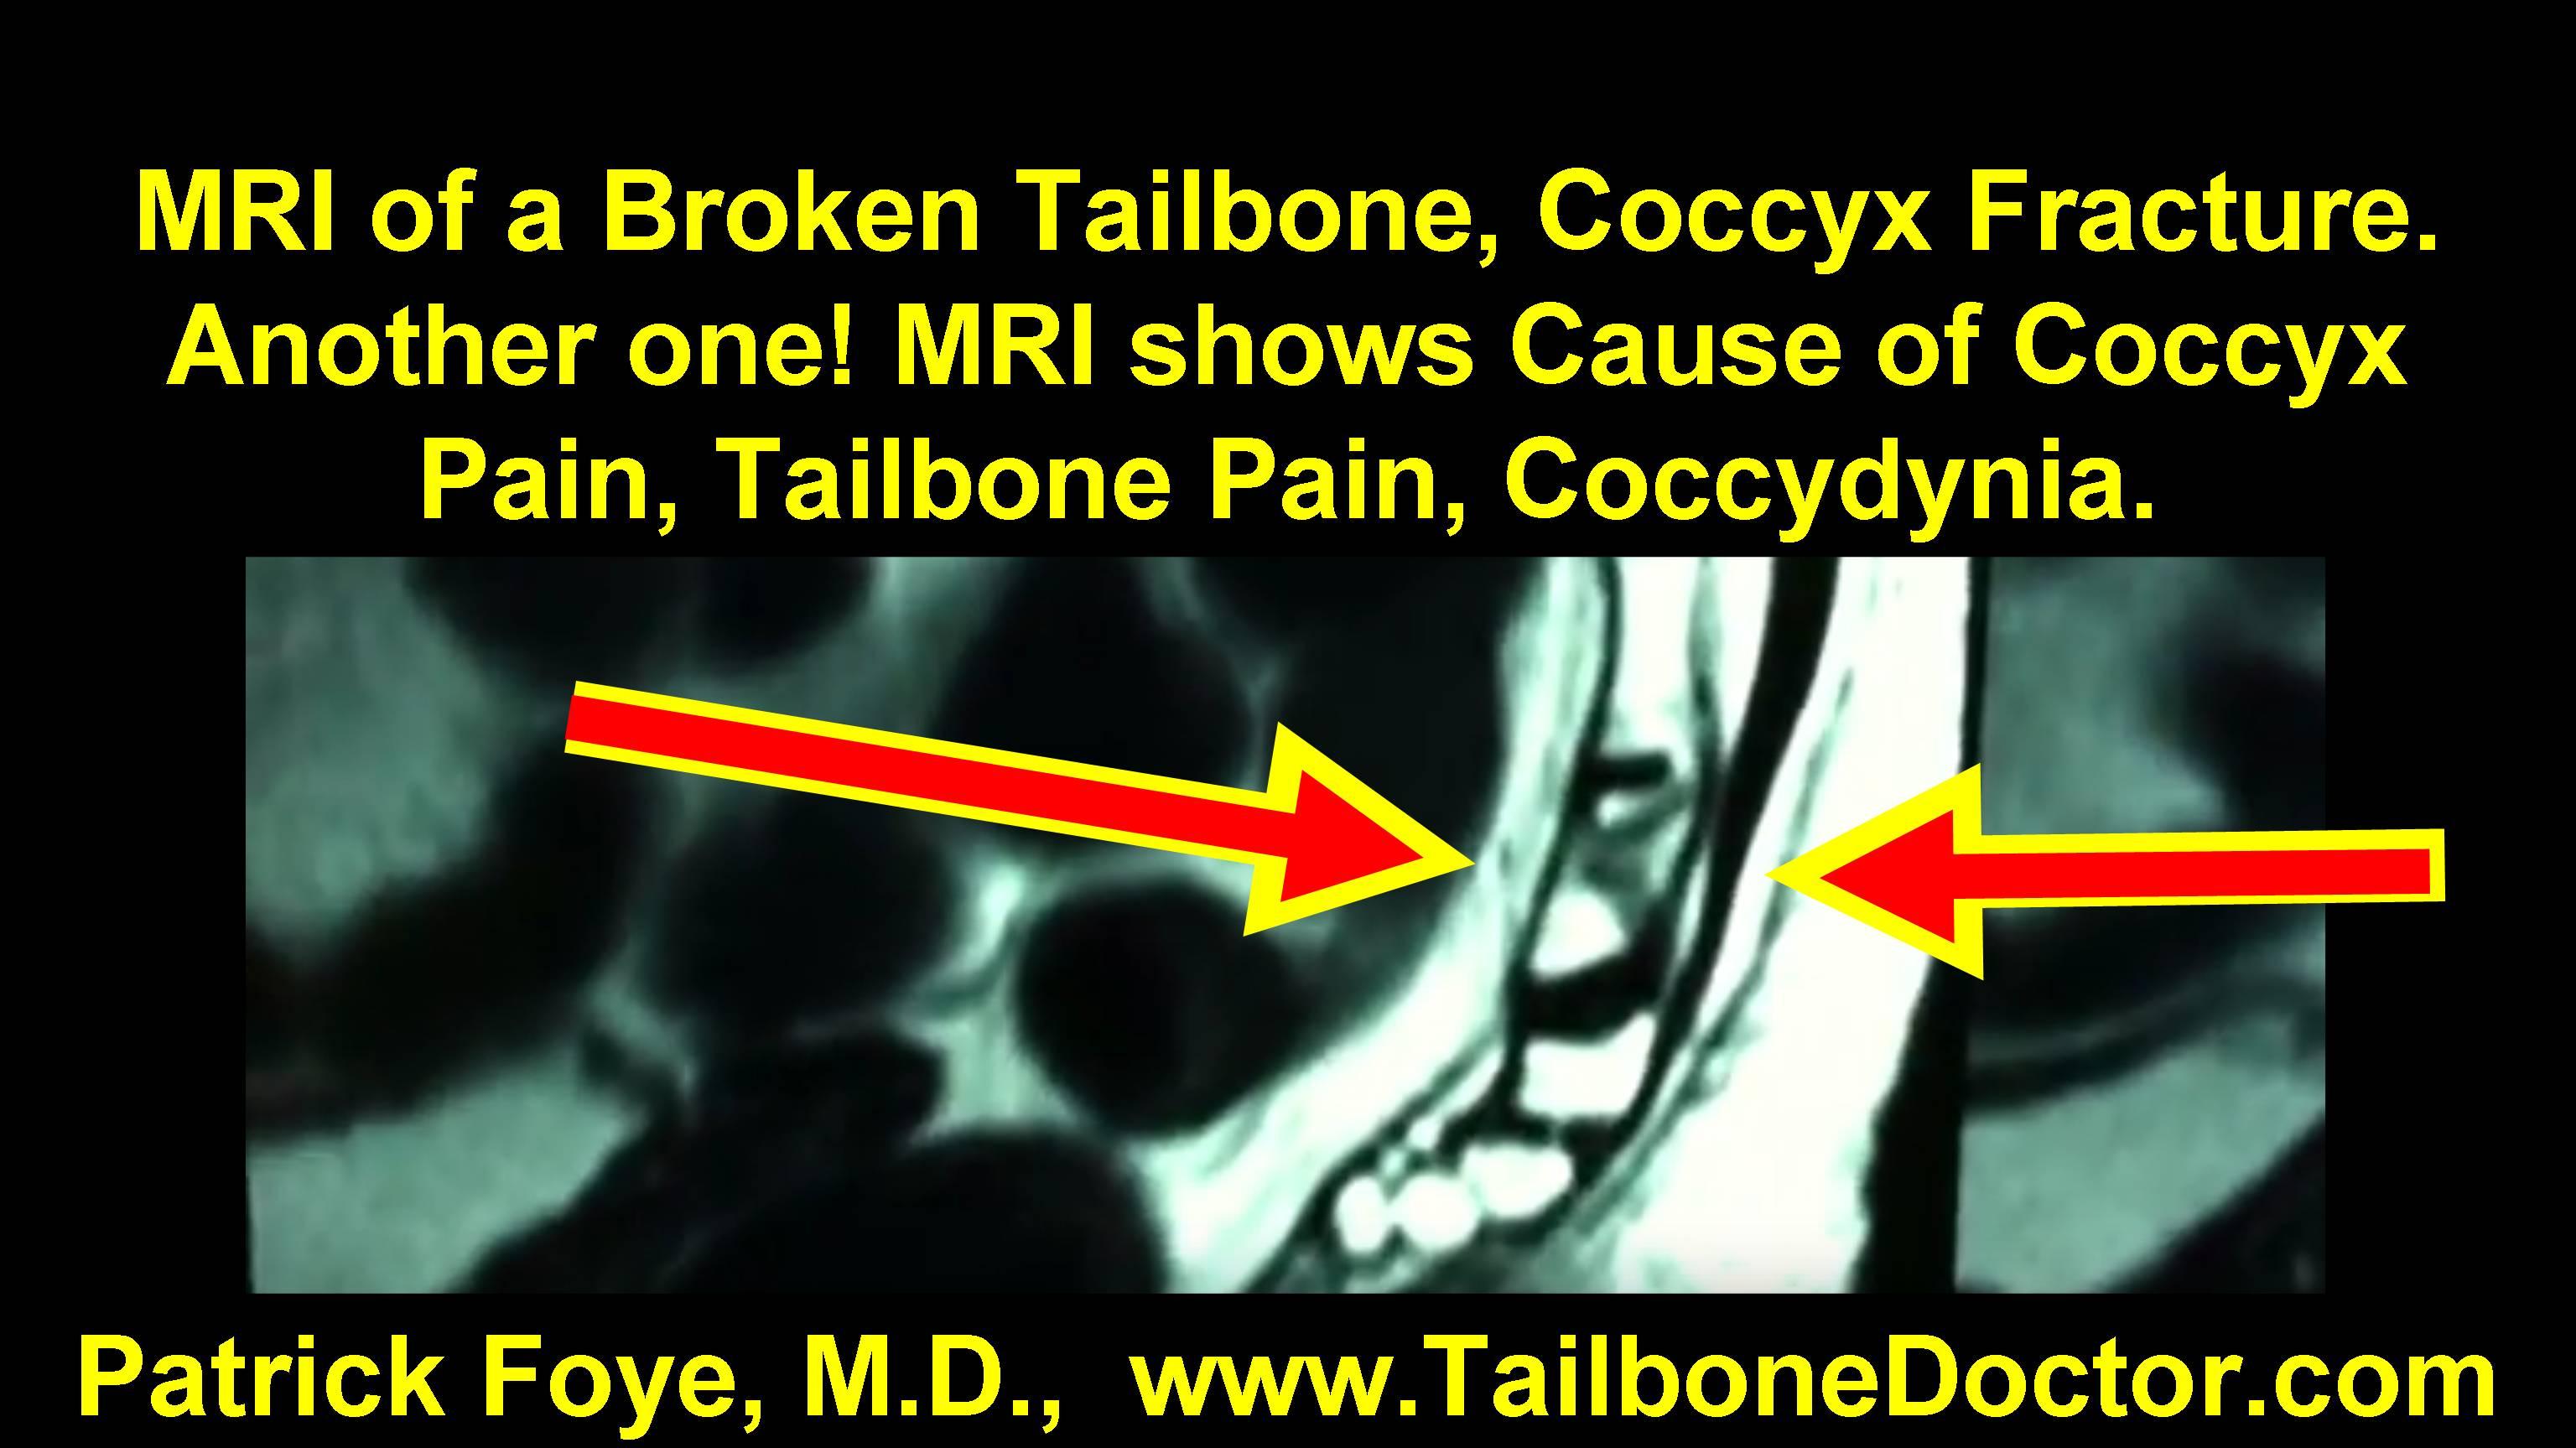 80683e89e2ae MRI of a Broken Tailbone, Coccyx Fracture, Coccyx Pain, Tailbone Pain,  Coccydynia